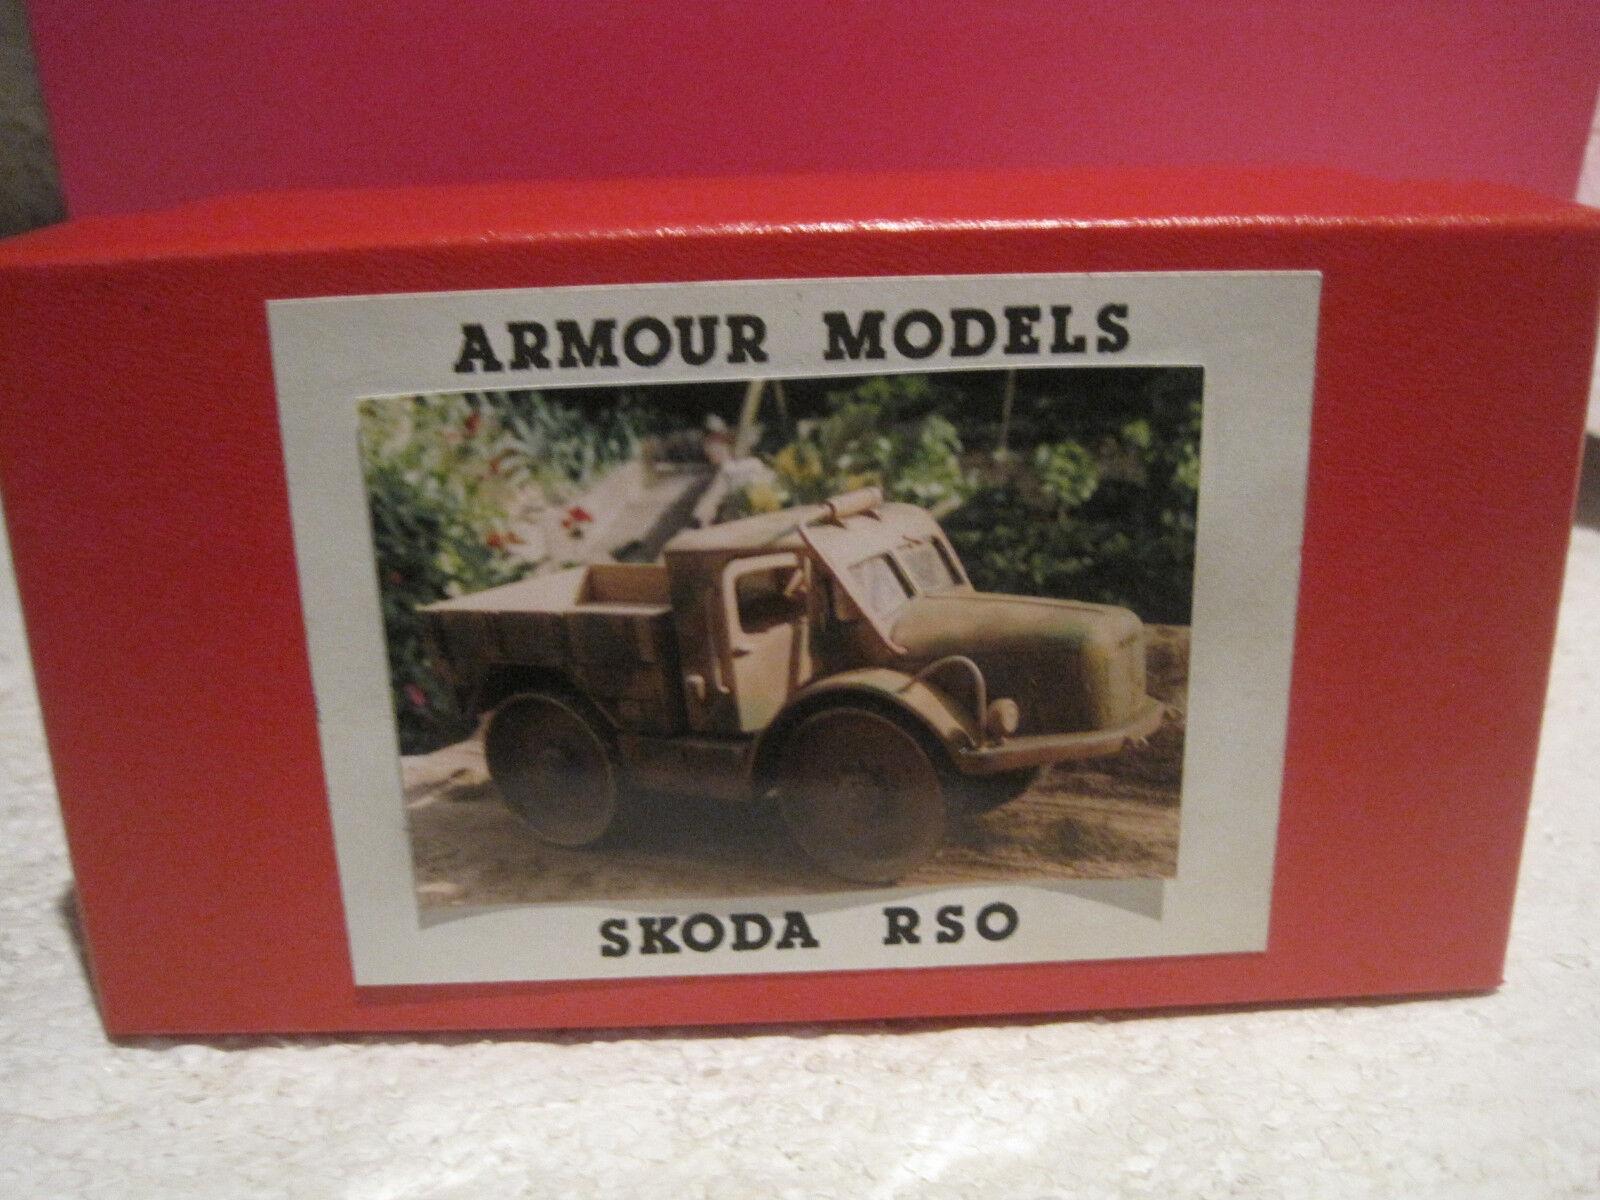 Rüstung modell über ein kit beautiful militaire skoda rso   1   35 neuf